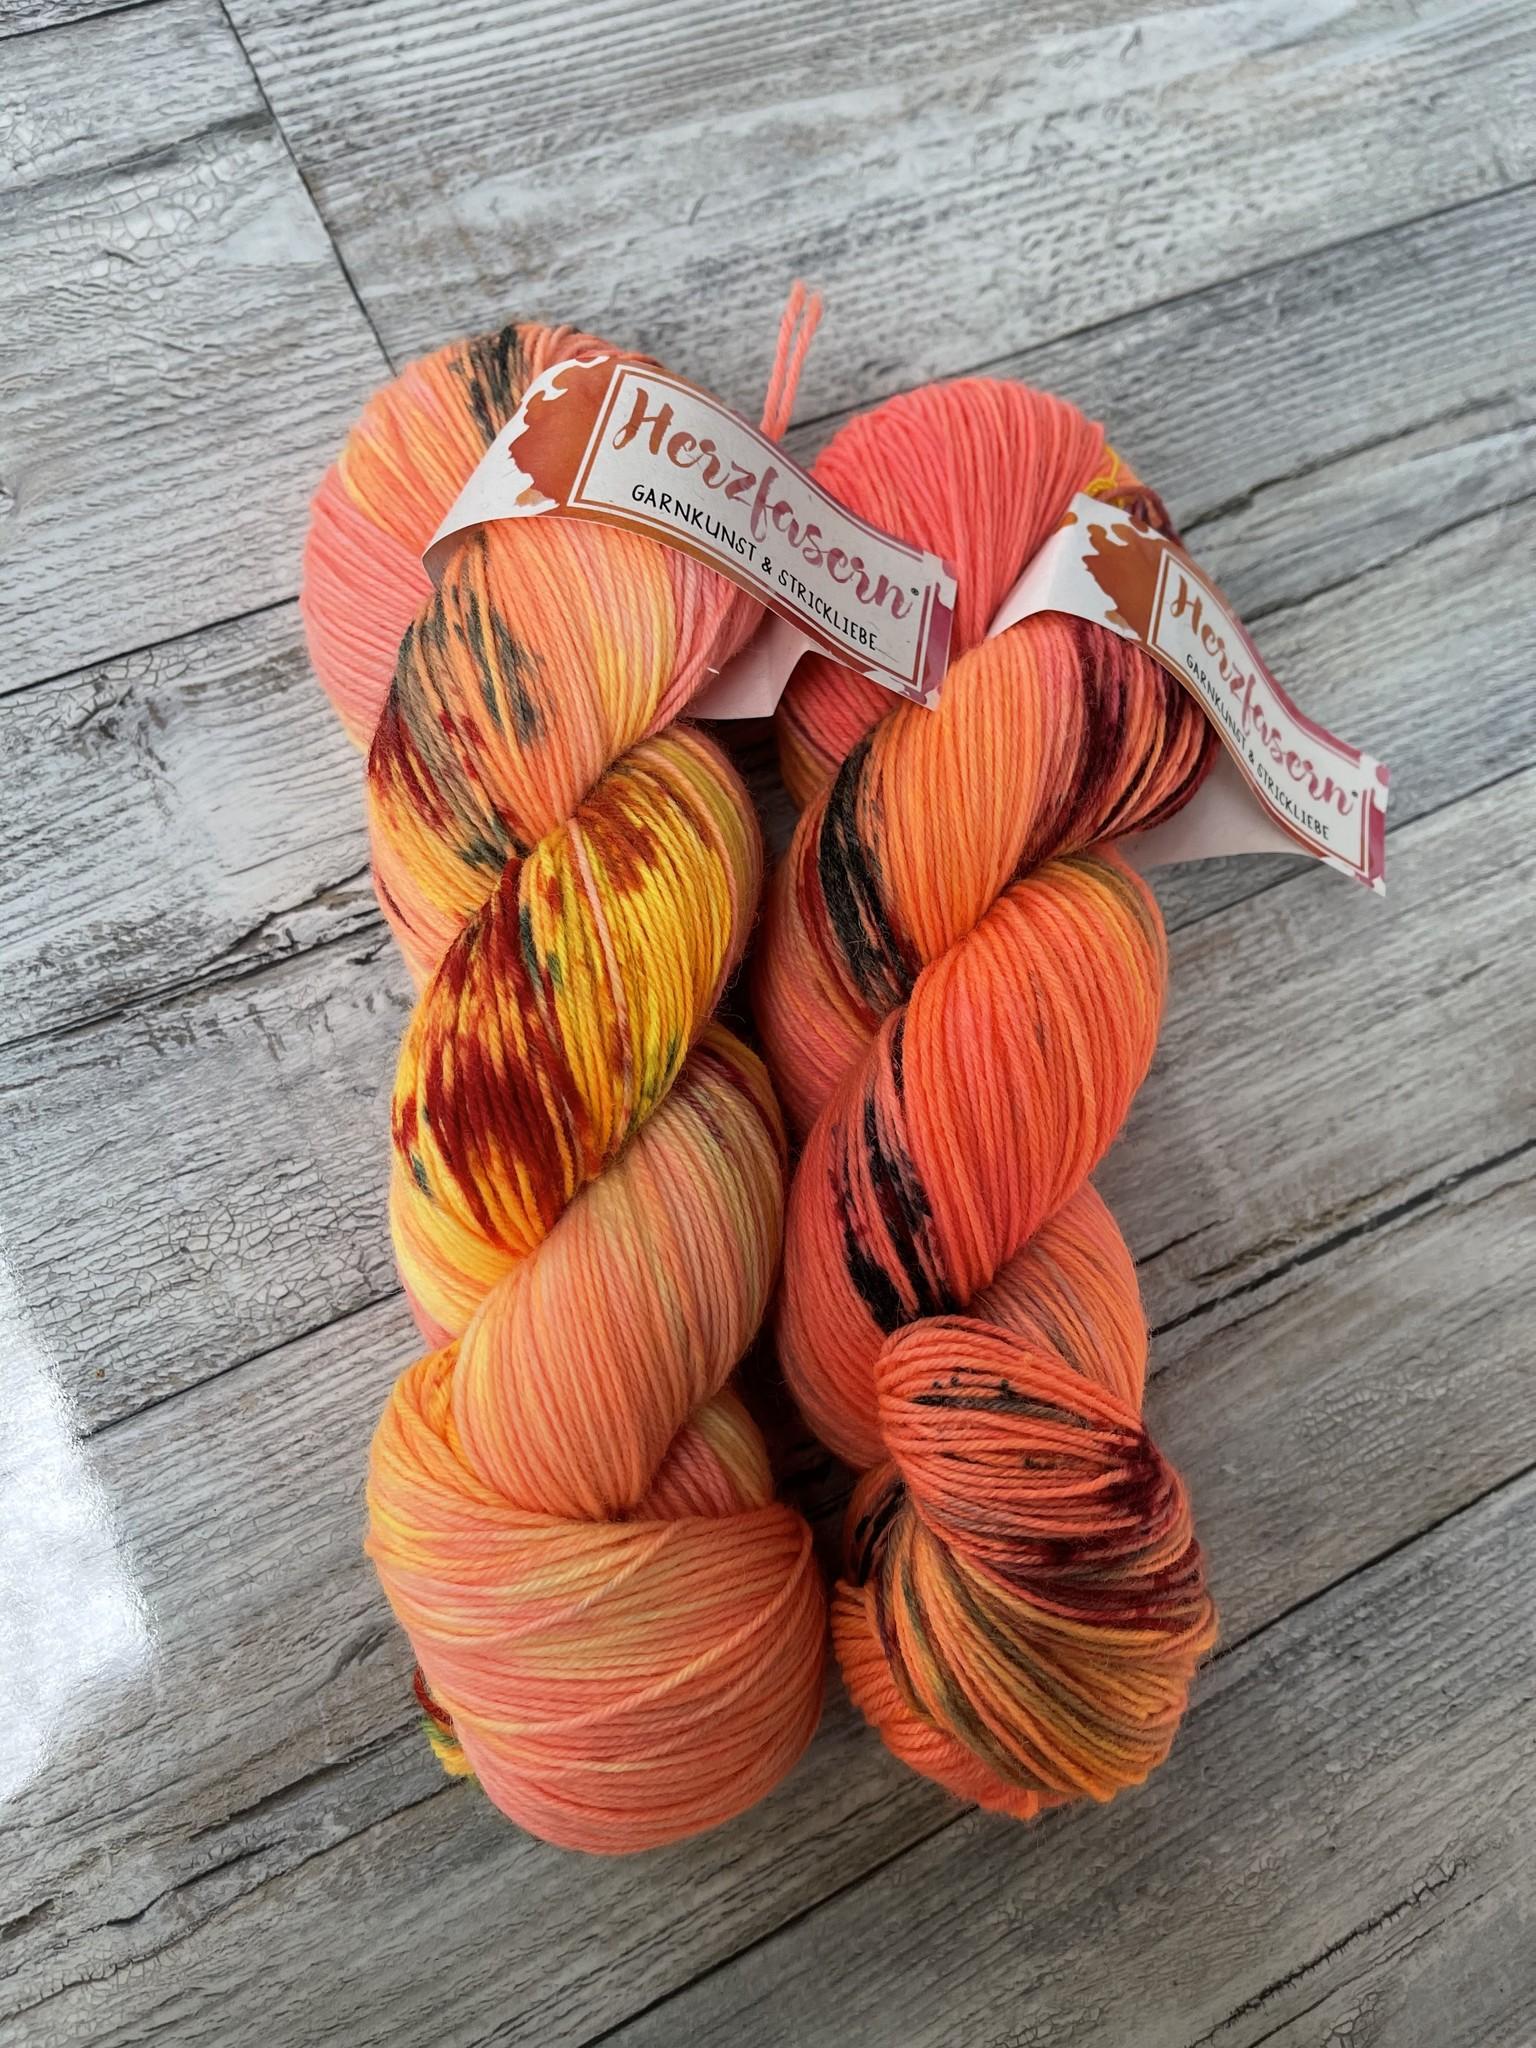 Herzfasern Herzfaser No 22 - Sockenwolle 4-fach  mit recyceltem Polyamid-muselingfrei  Orangen Medley